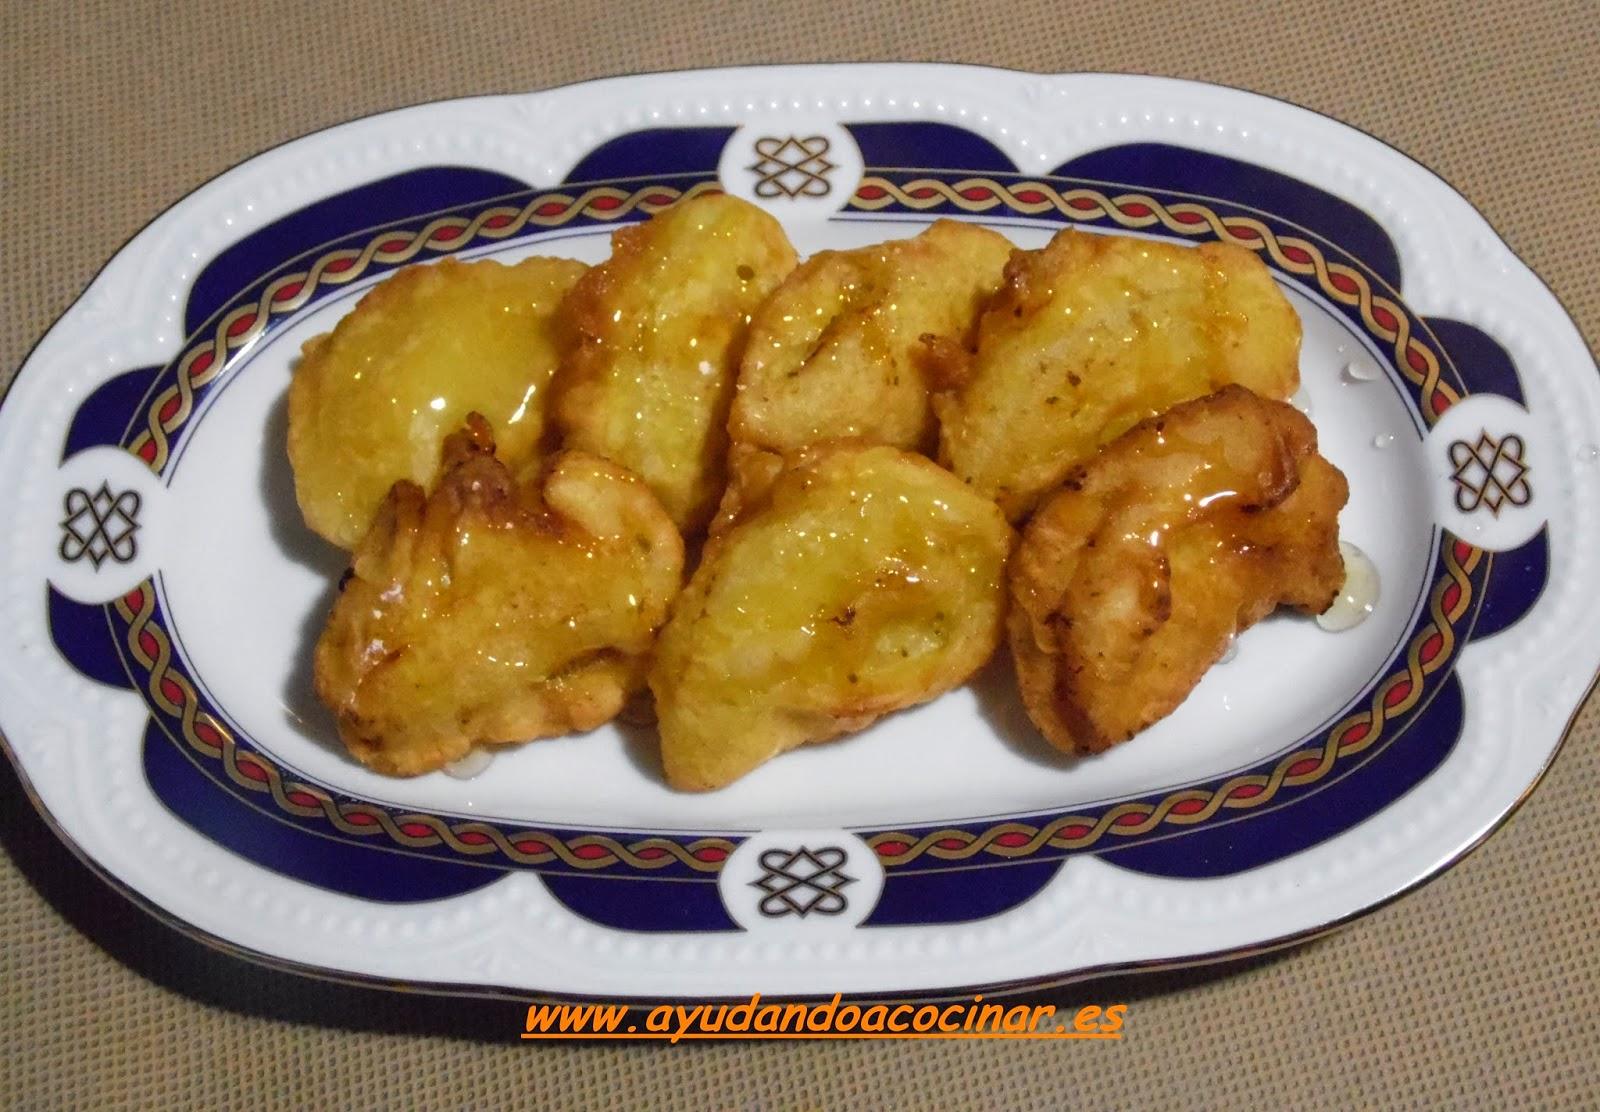 Ayudando a Cocinar.: Buñuelos De Manzana y Miel